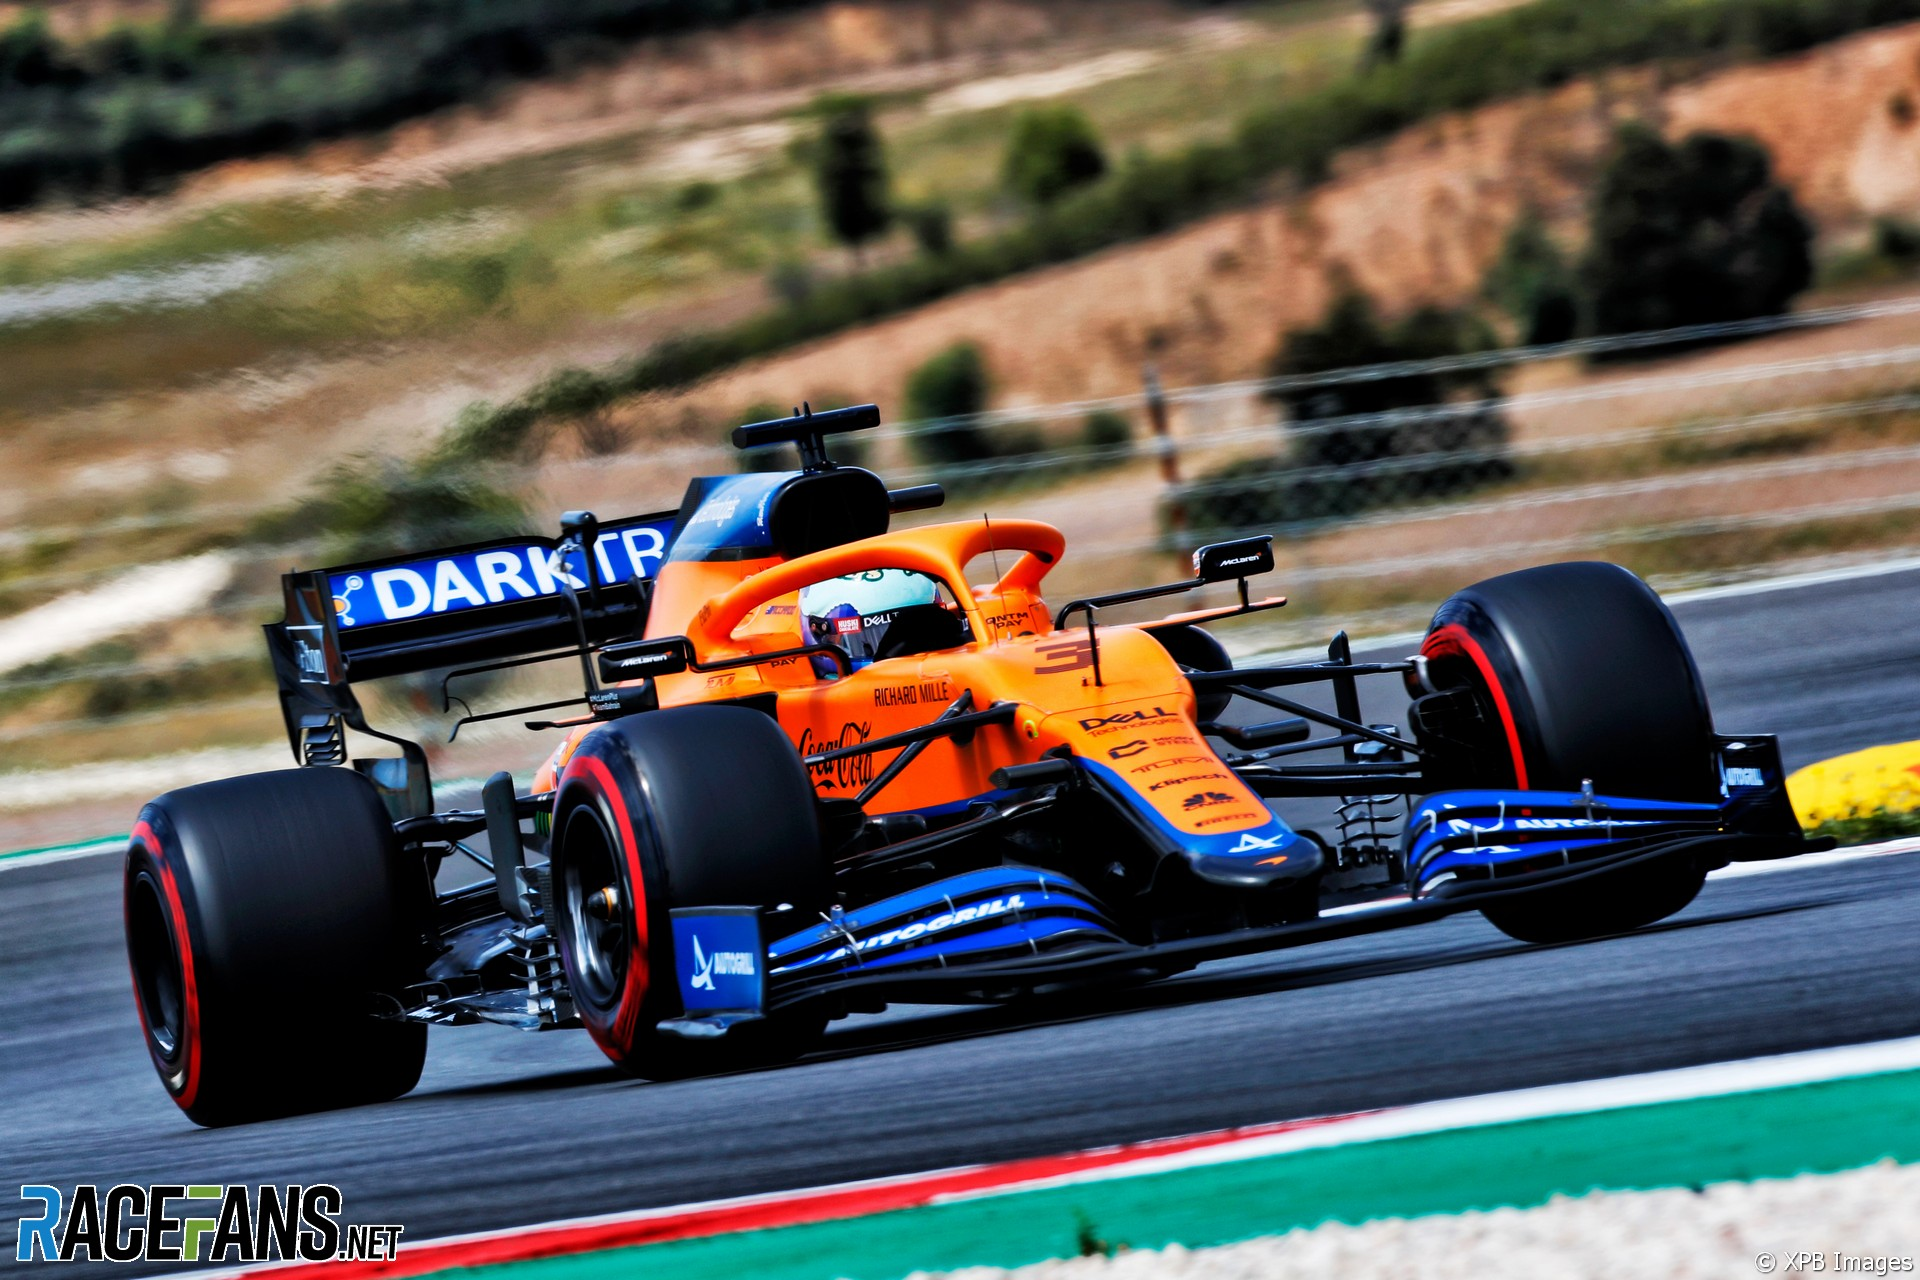 Daniel Ricciardo, McLaren, Autodromo do Algarve, 2021